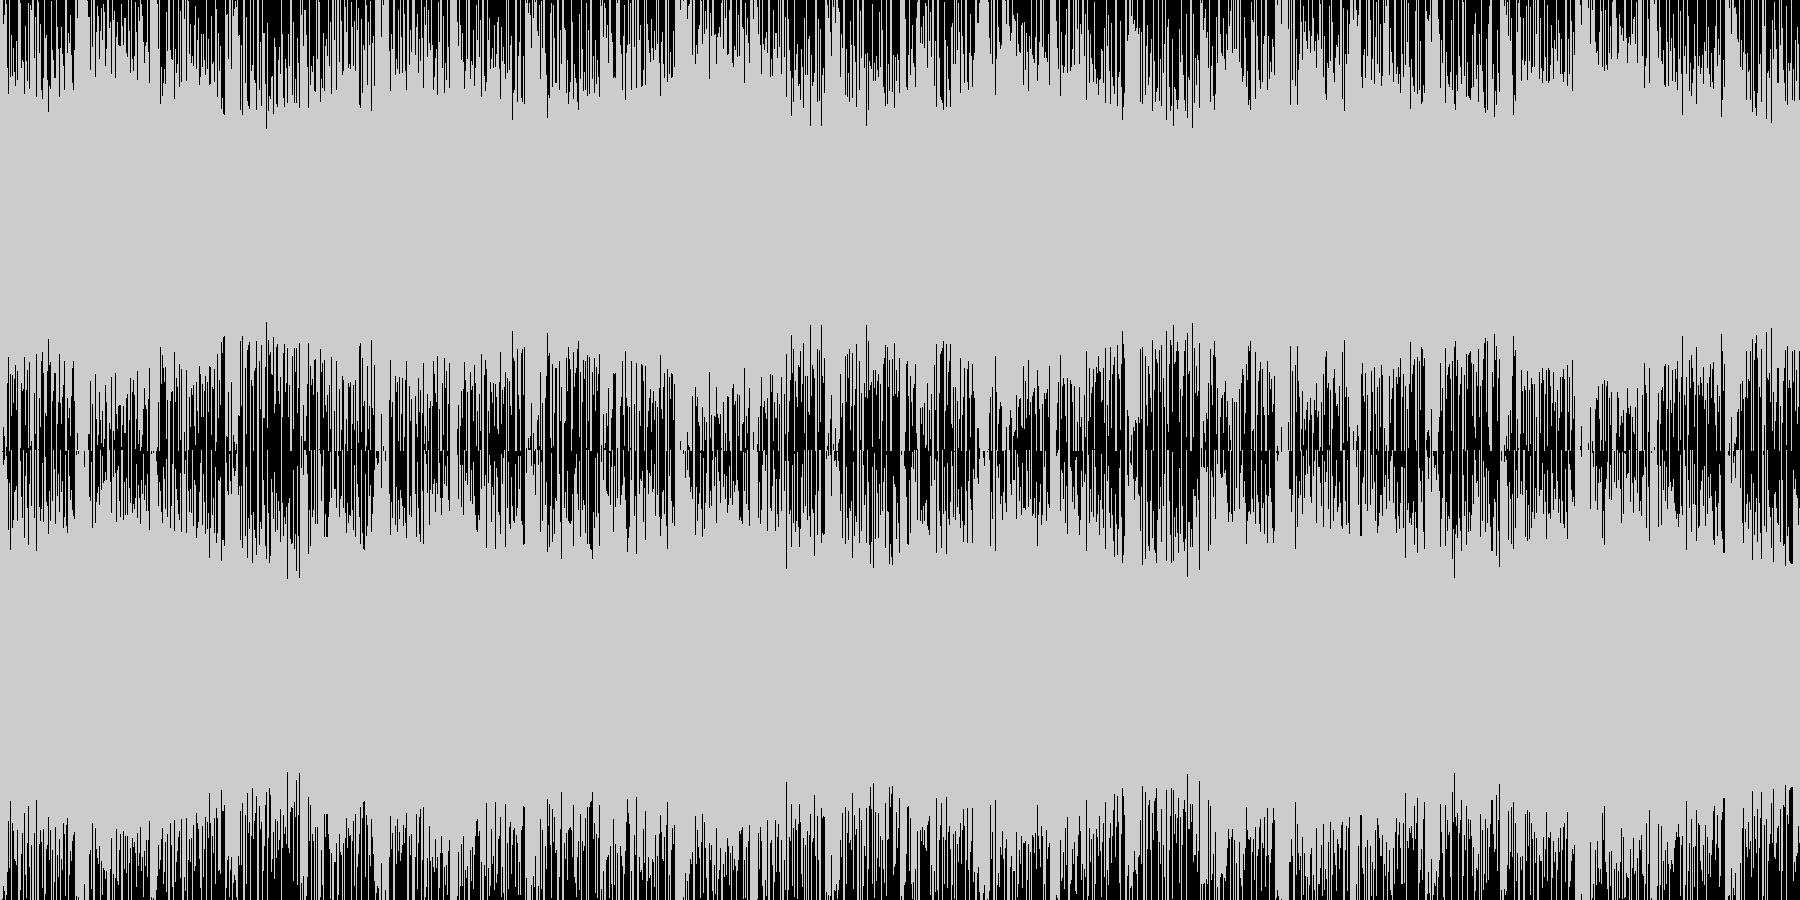 緊迫感のあるエレクトロなループの未再生の波形